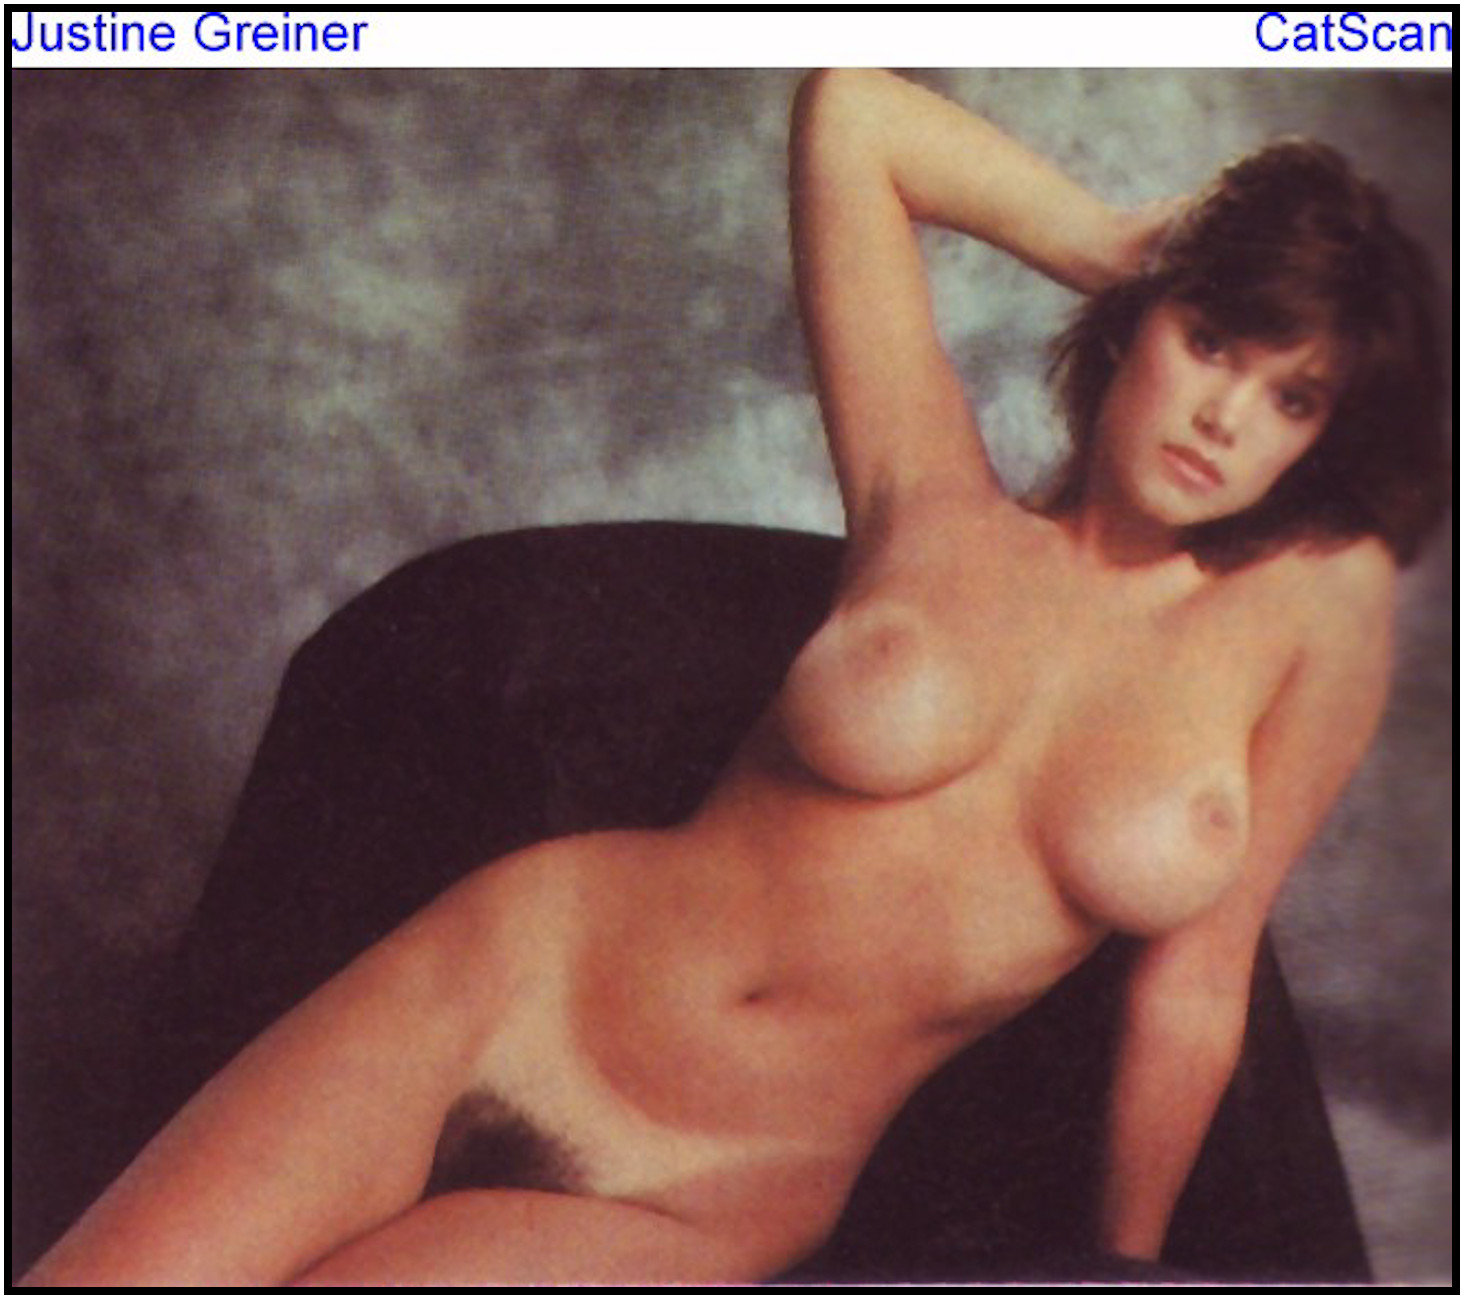 Nude justine greiner